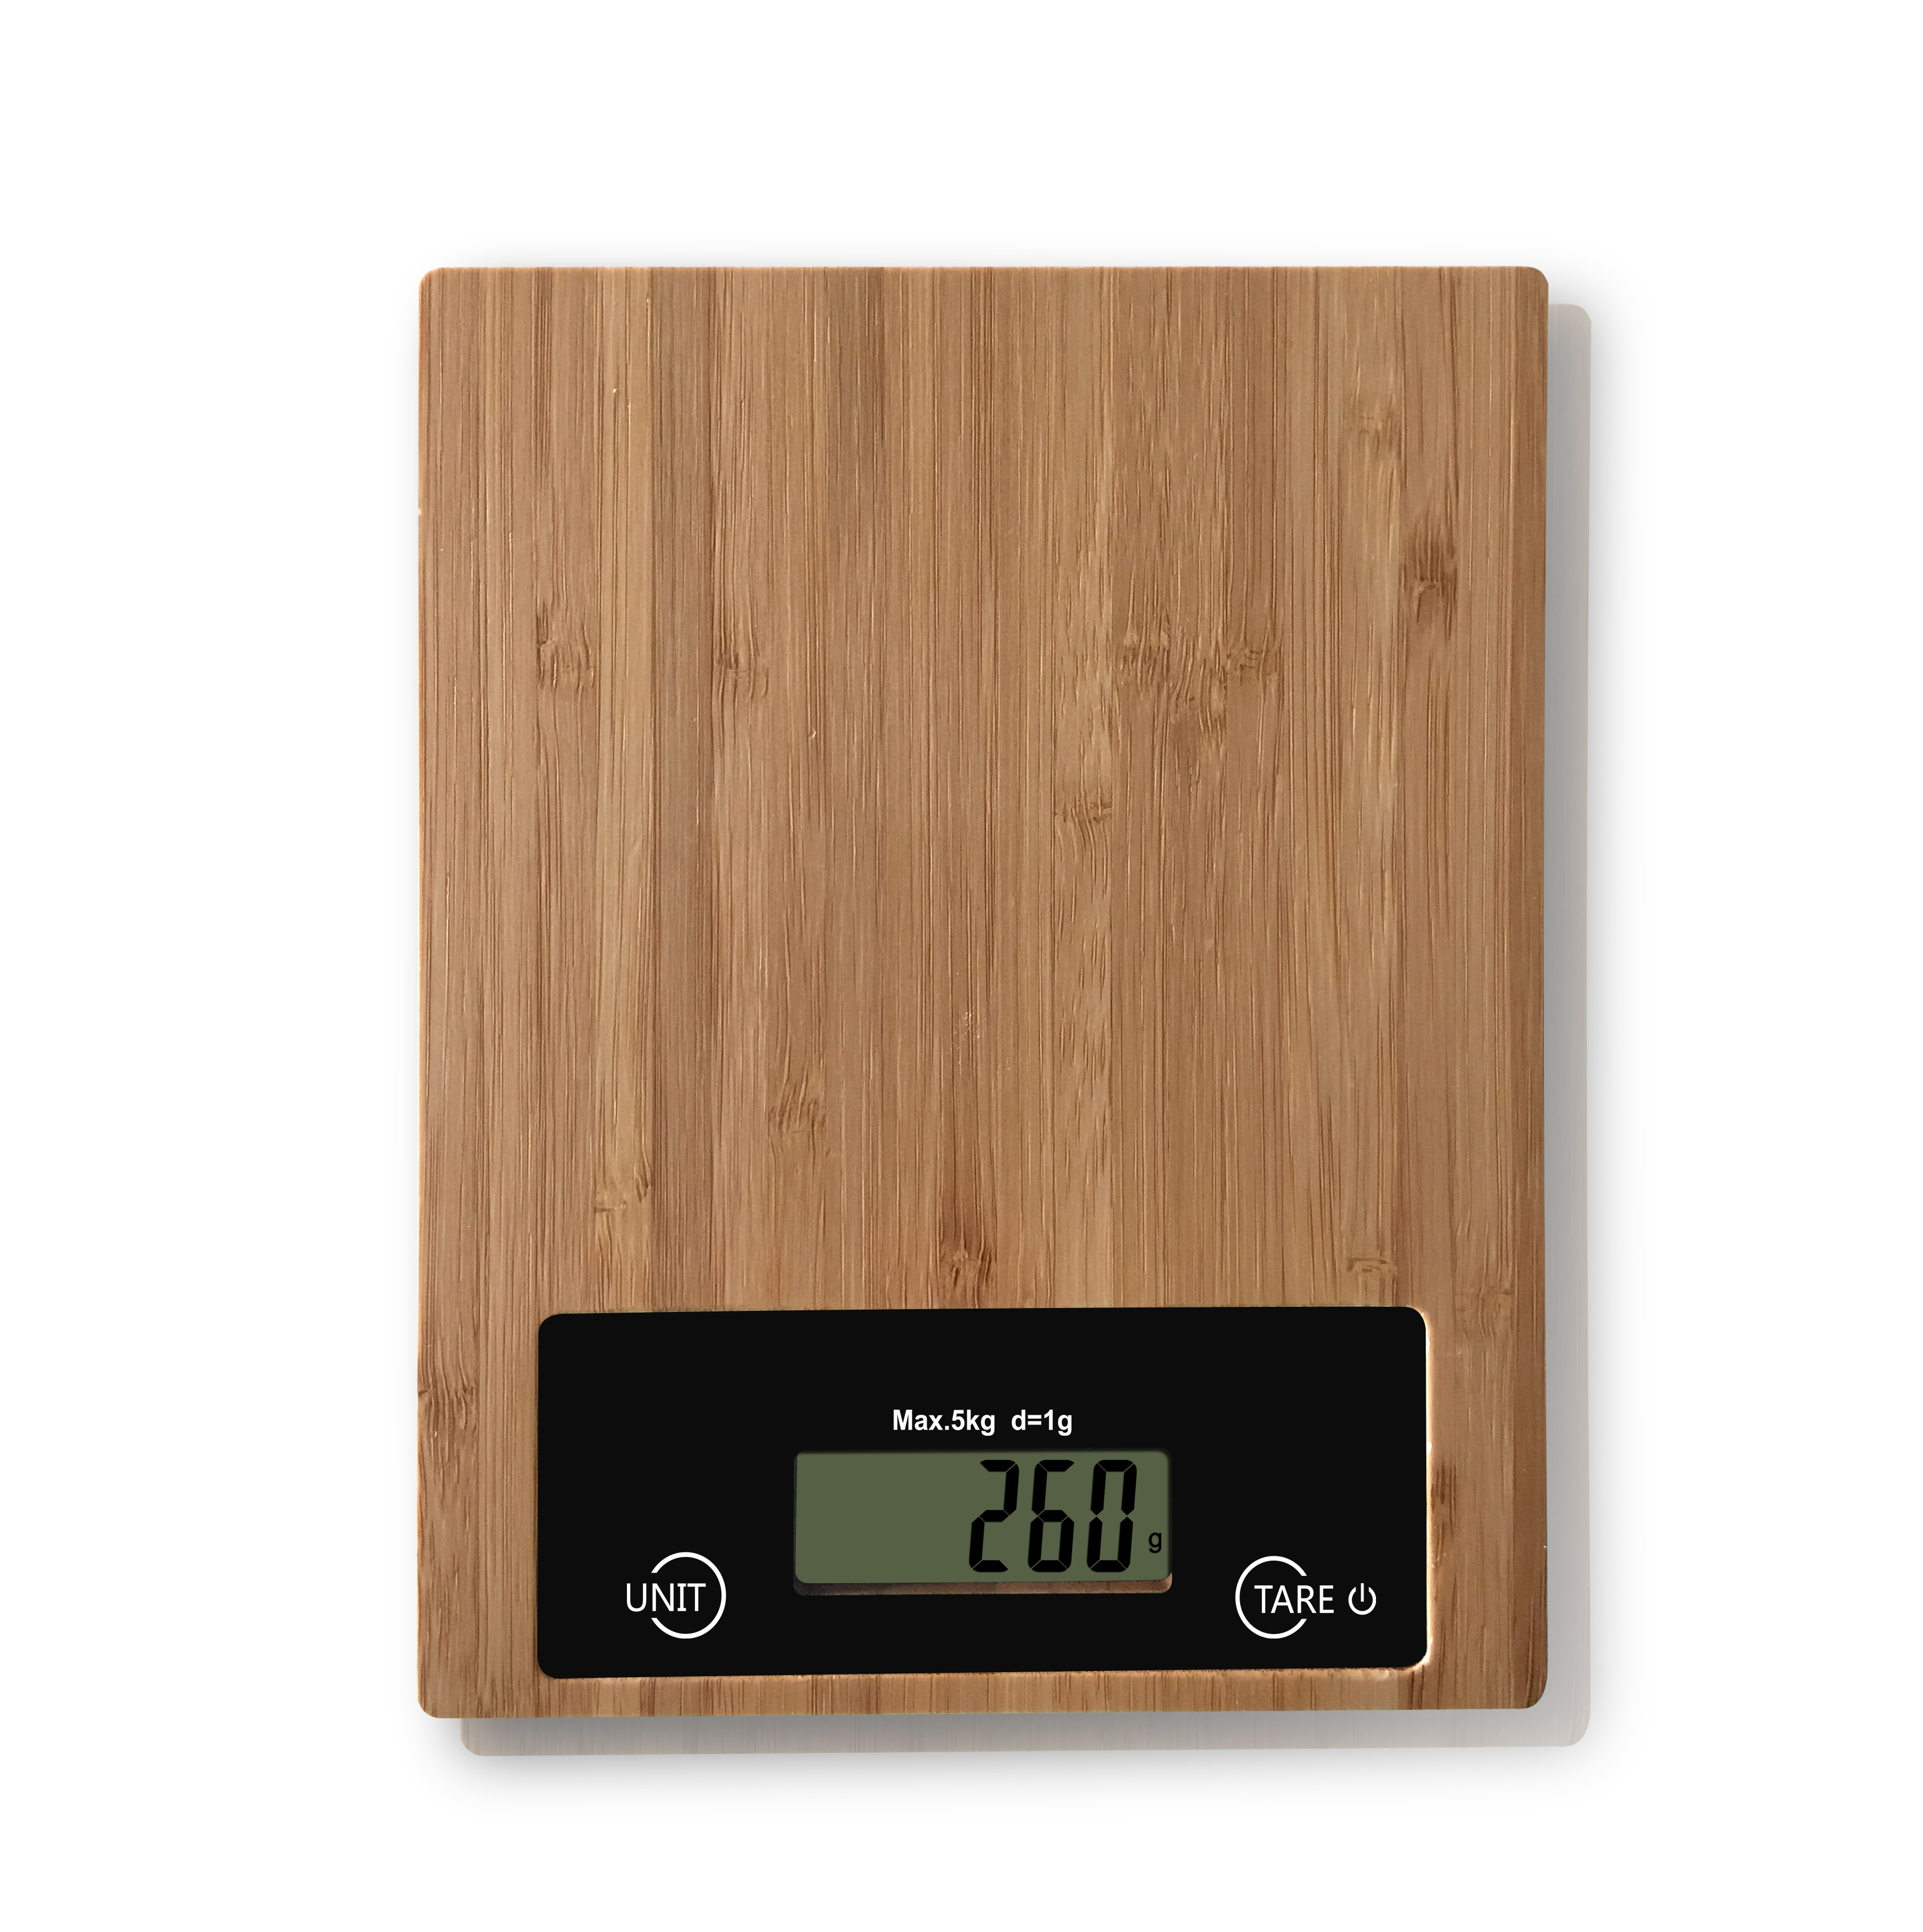 fabbrica etekcrty piatto digitale da cucina scala di cibo caldo di vendita 5 kg 1g di legno da cucina elettronica bilance